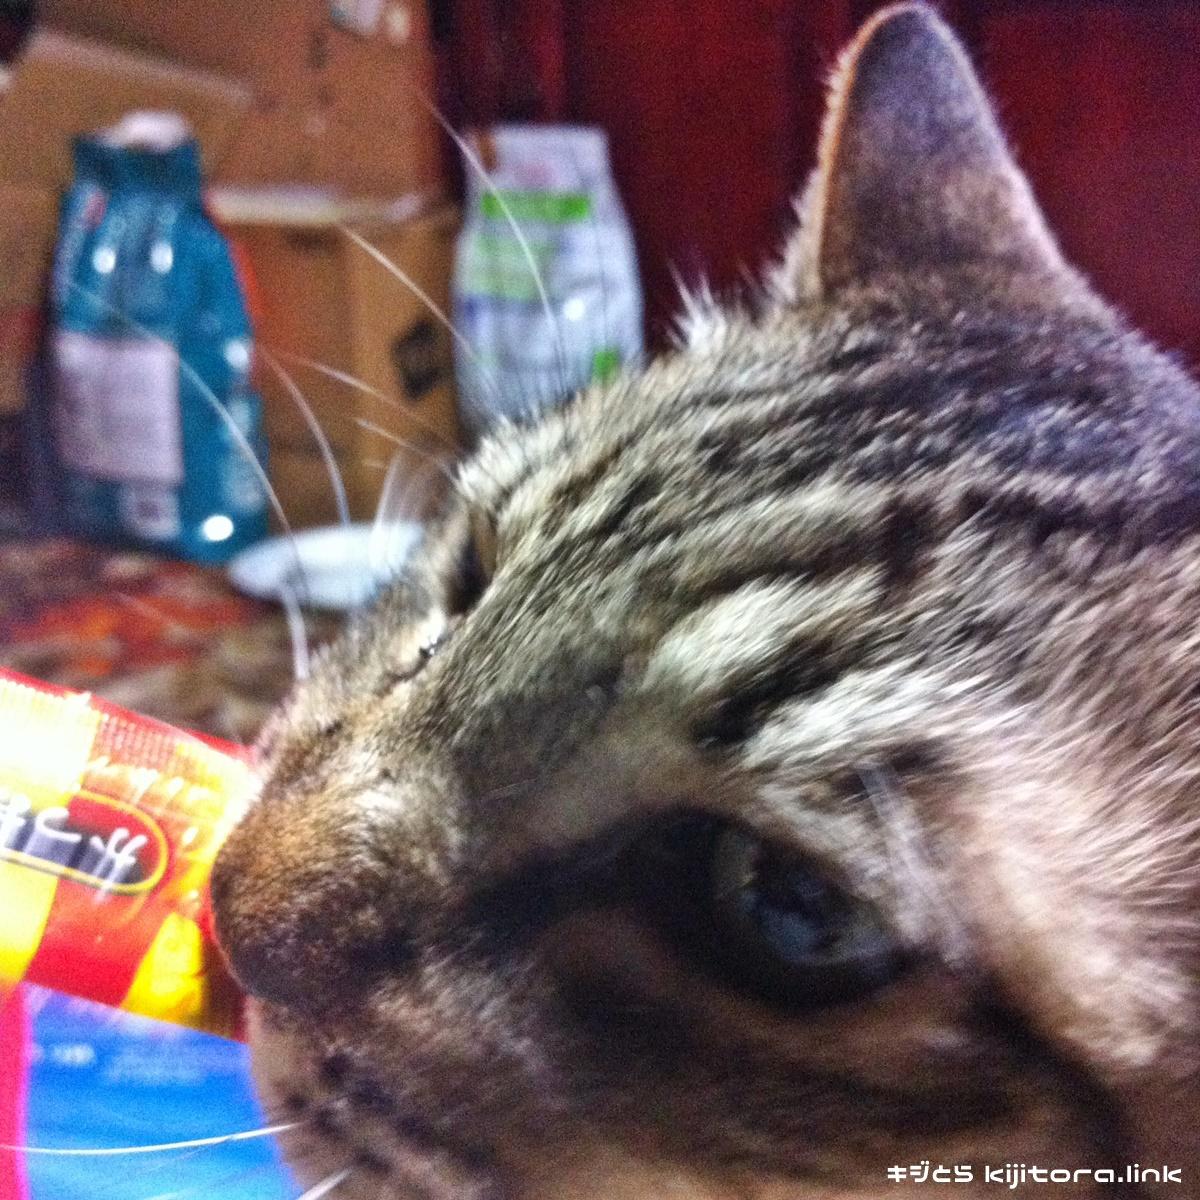 ちゅーるに喰いつて放さない猫(3本目)